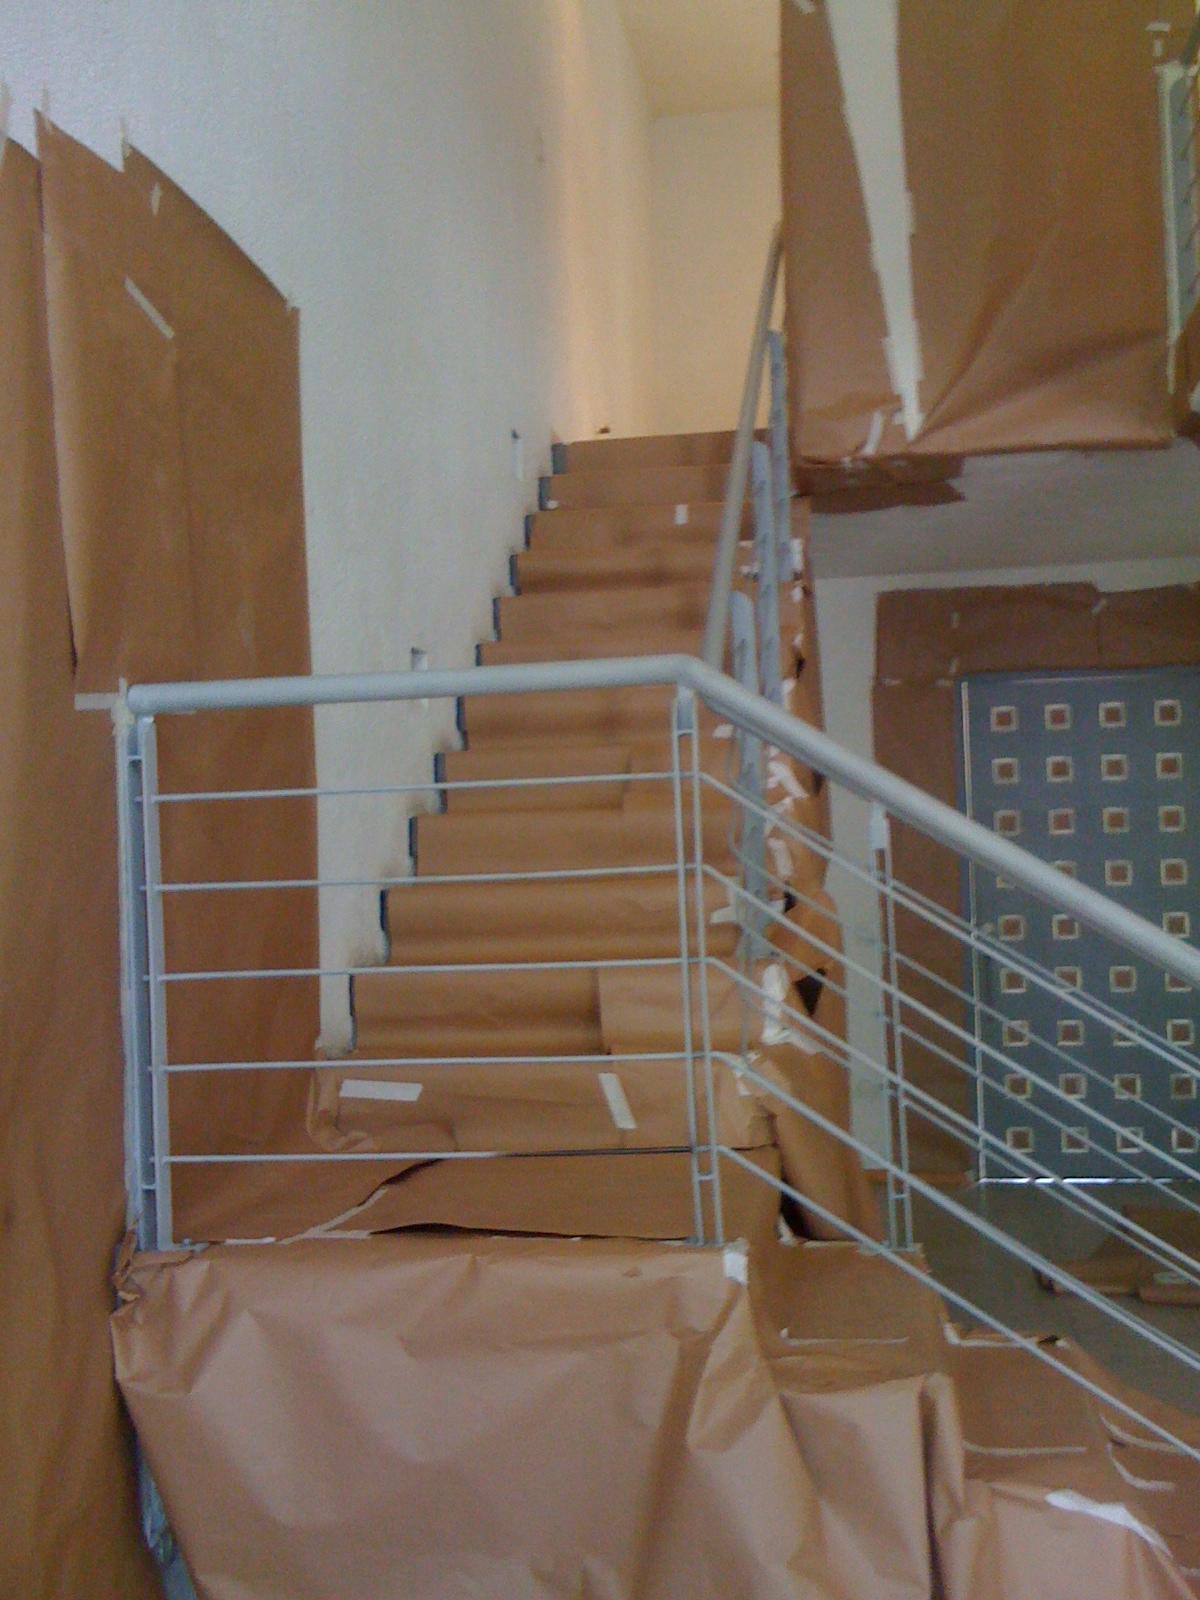 barandales de escalera y pasillo en planta alta, barandales de